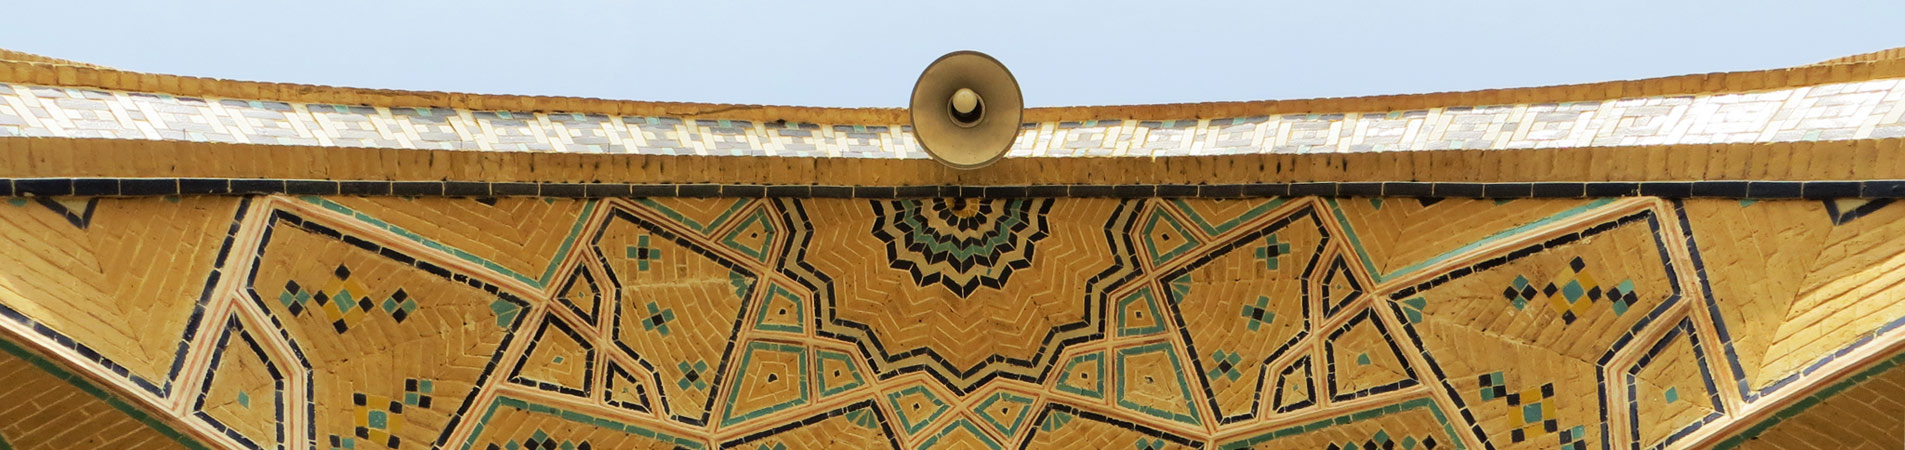 مسجد آقابزرگ کاشان ، گنبدی بر فراز کویر